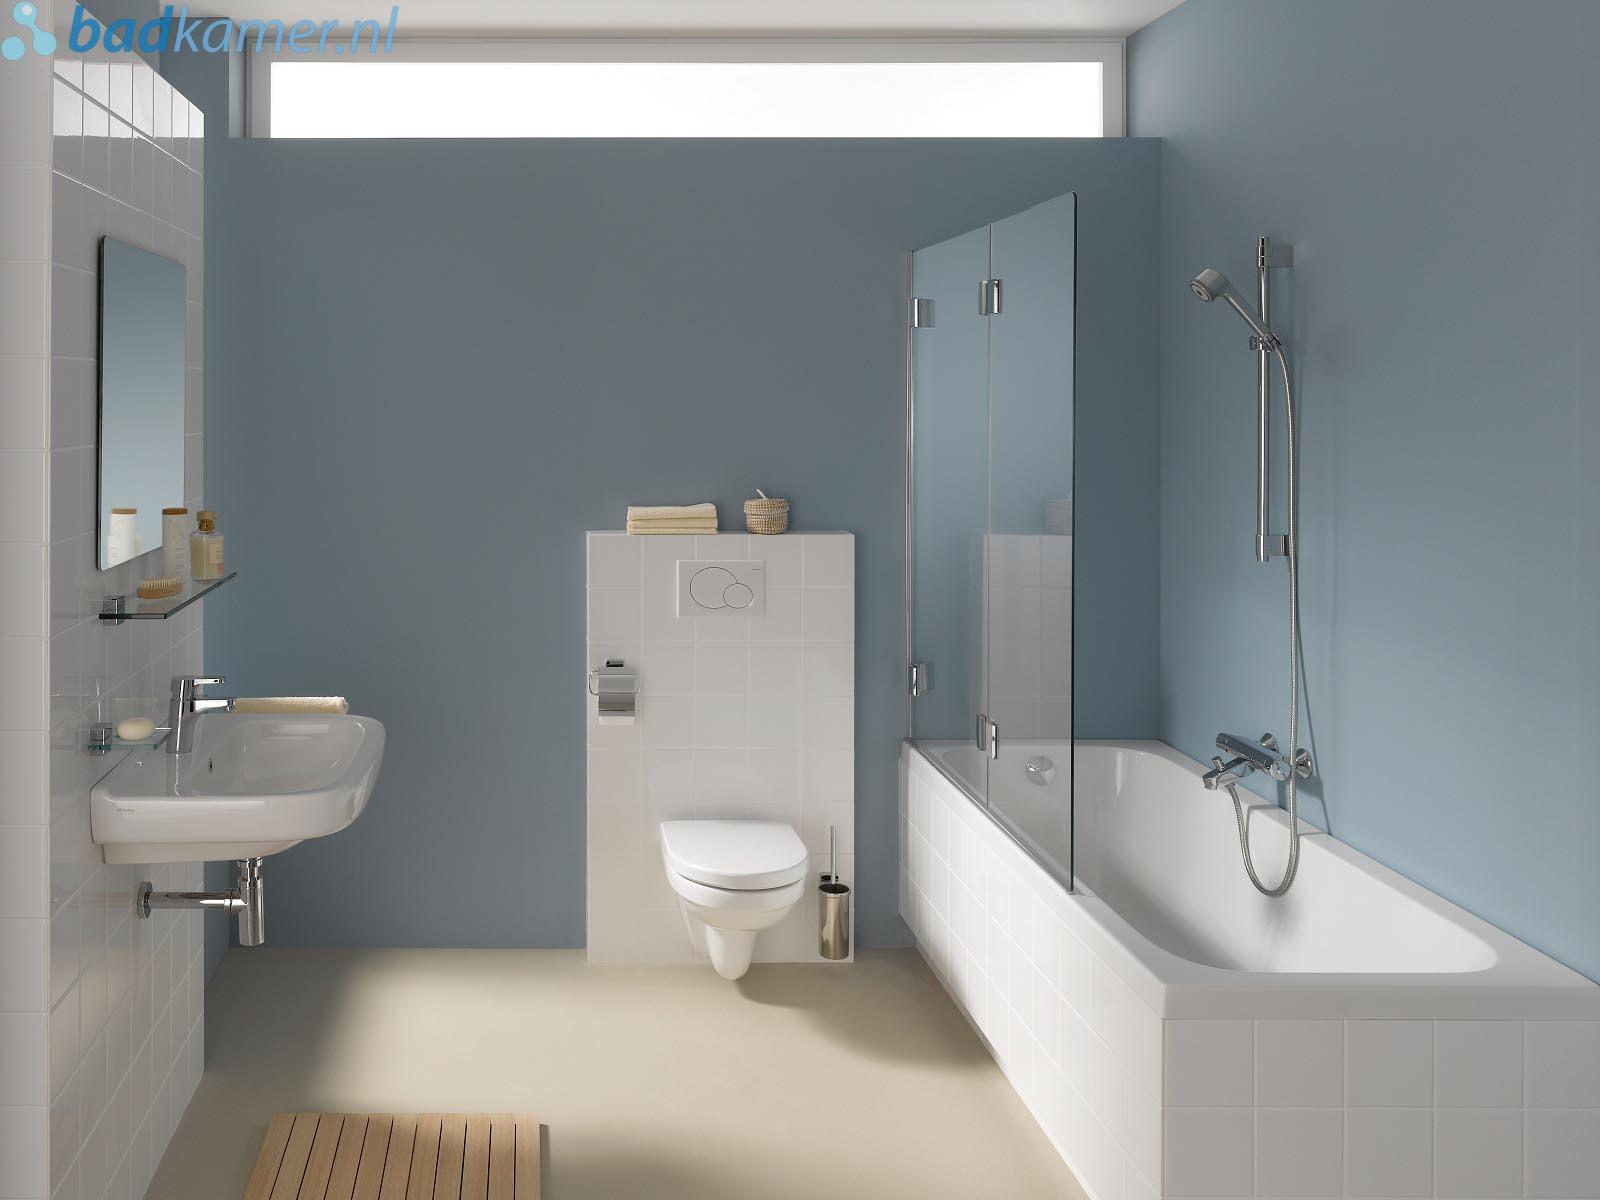 venlo installatie badkamer